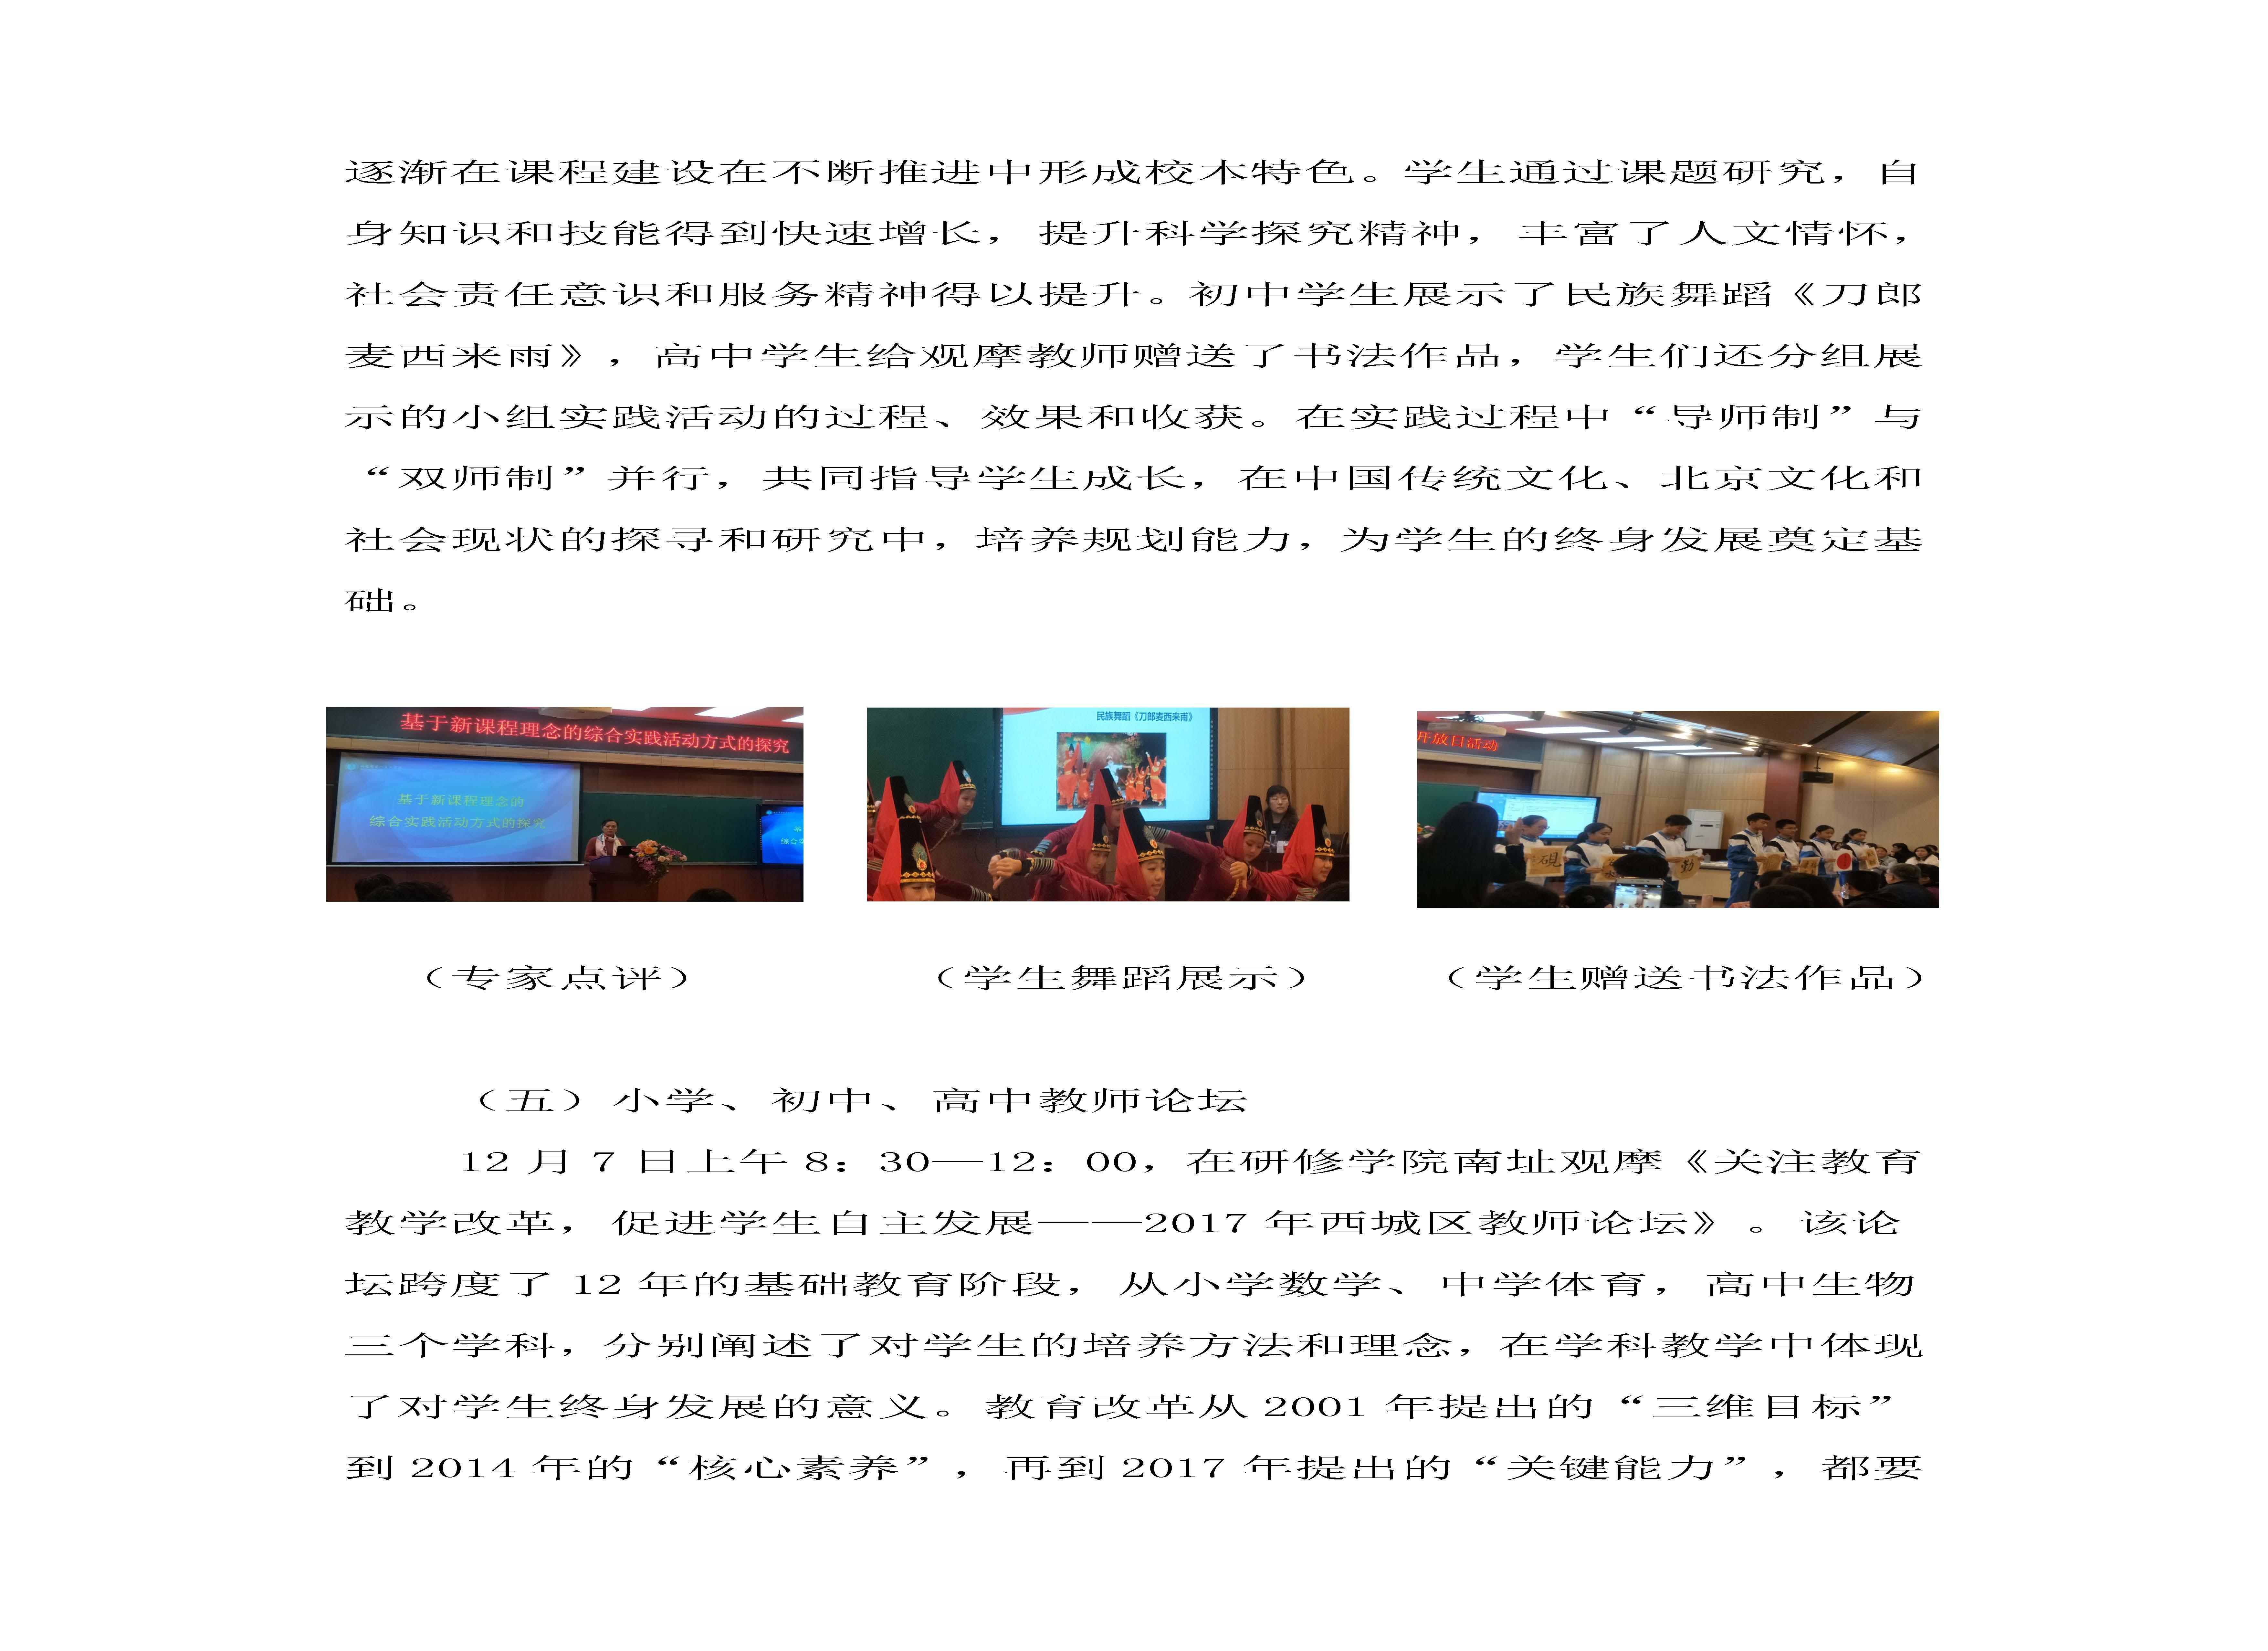 观摩2017北京市西城区科研月活动汇报材料(温俊芳12.12)_页面_7.jpg